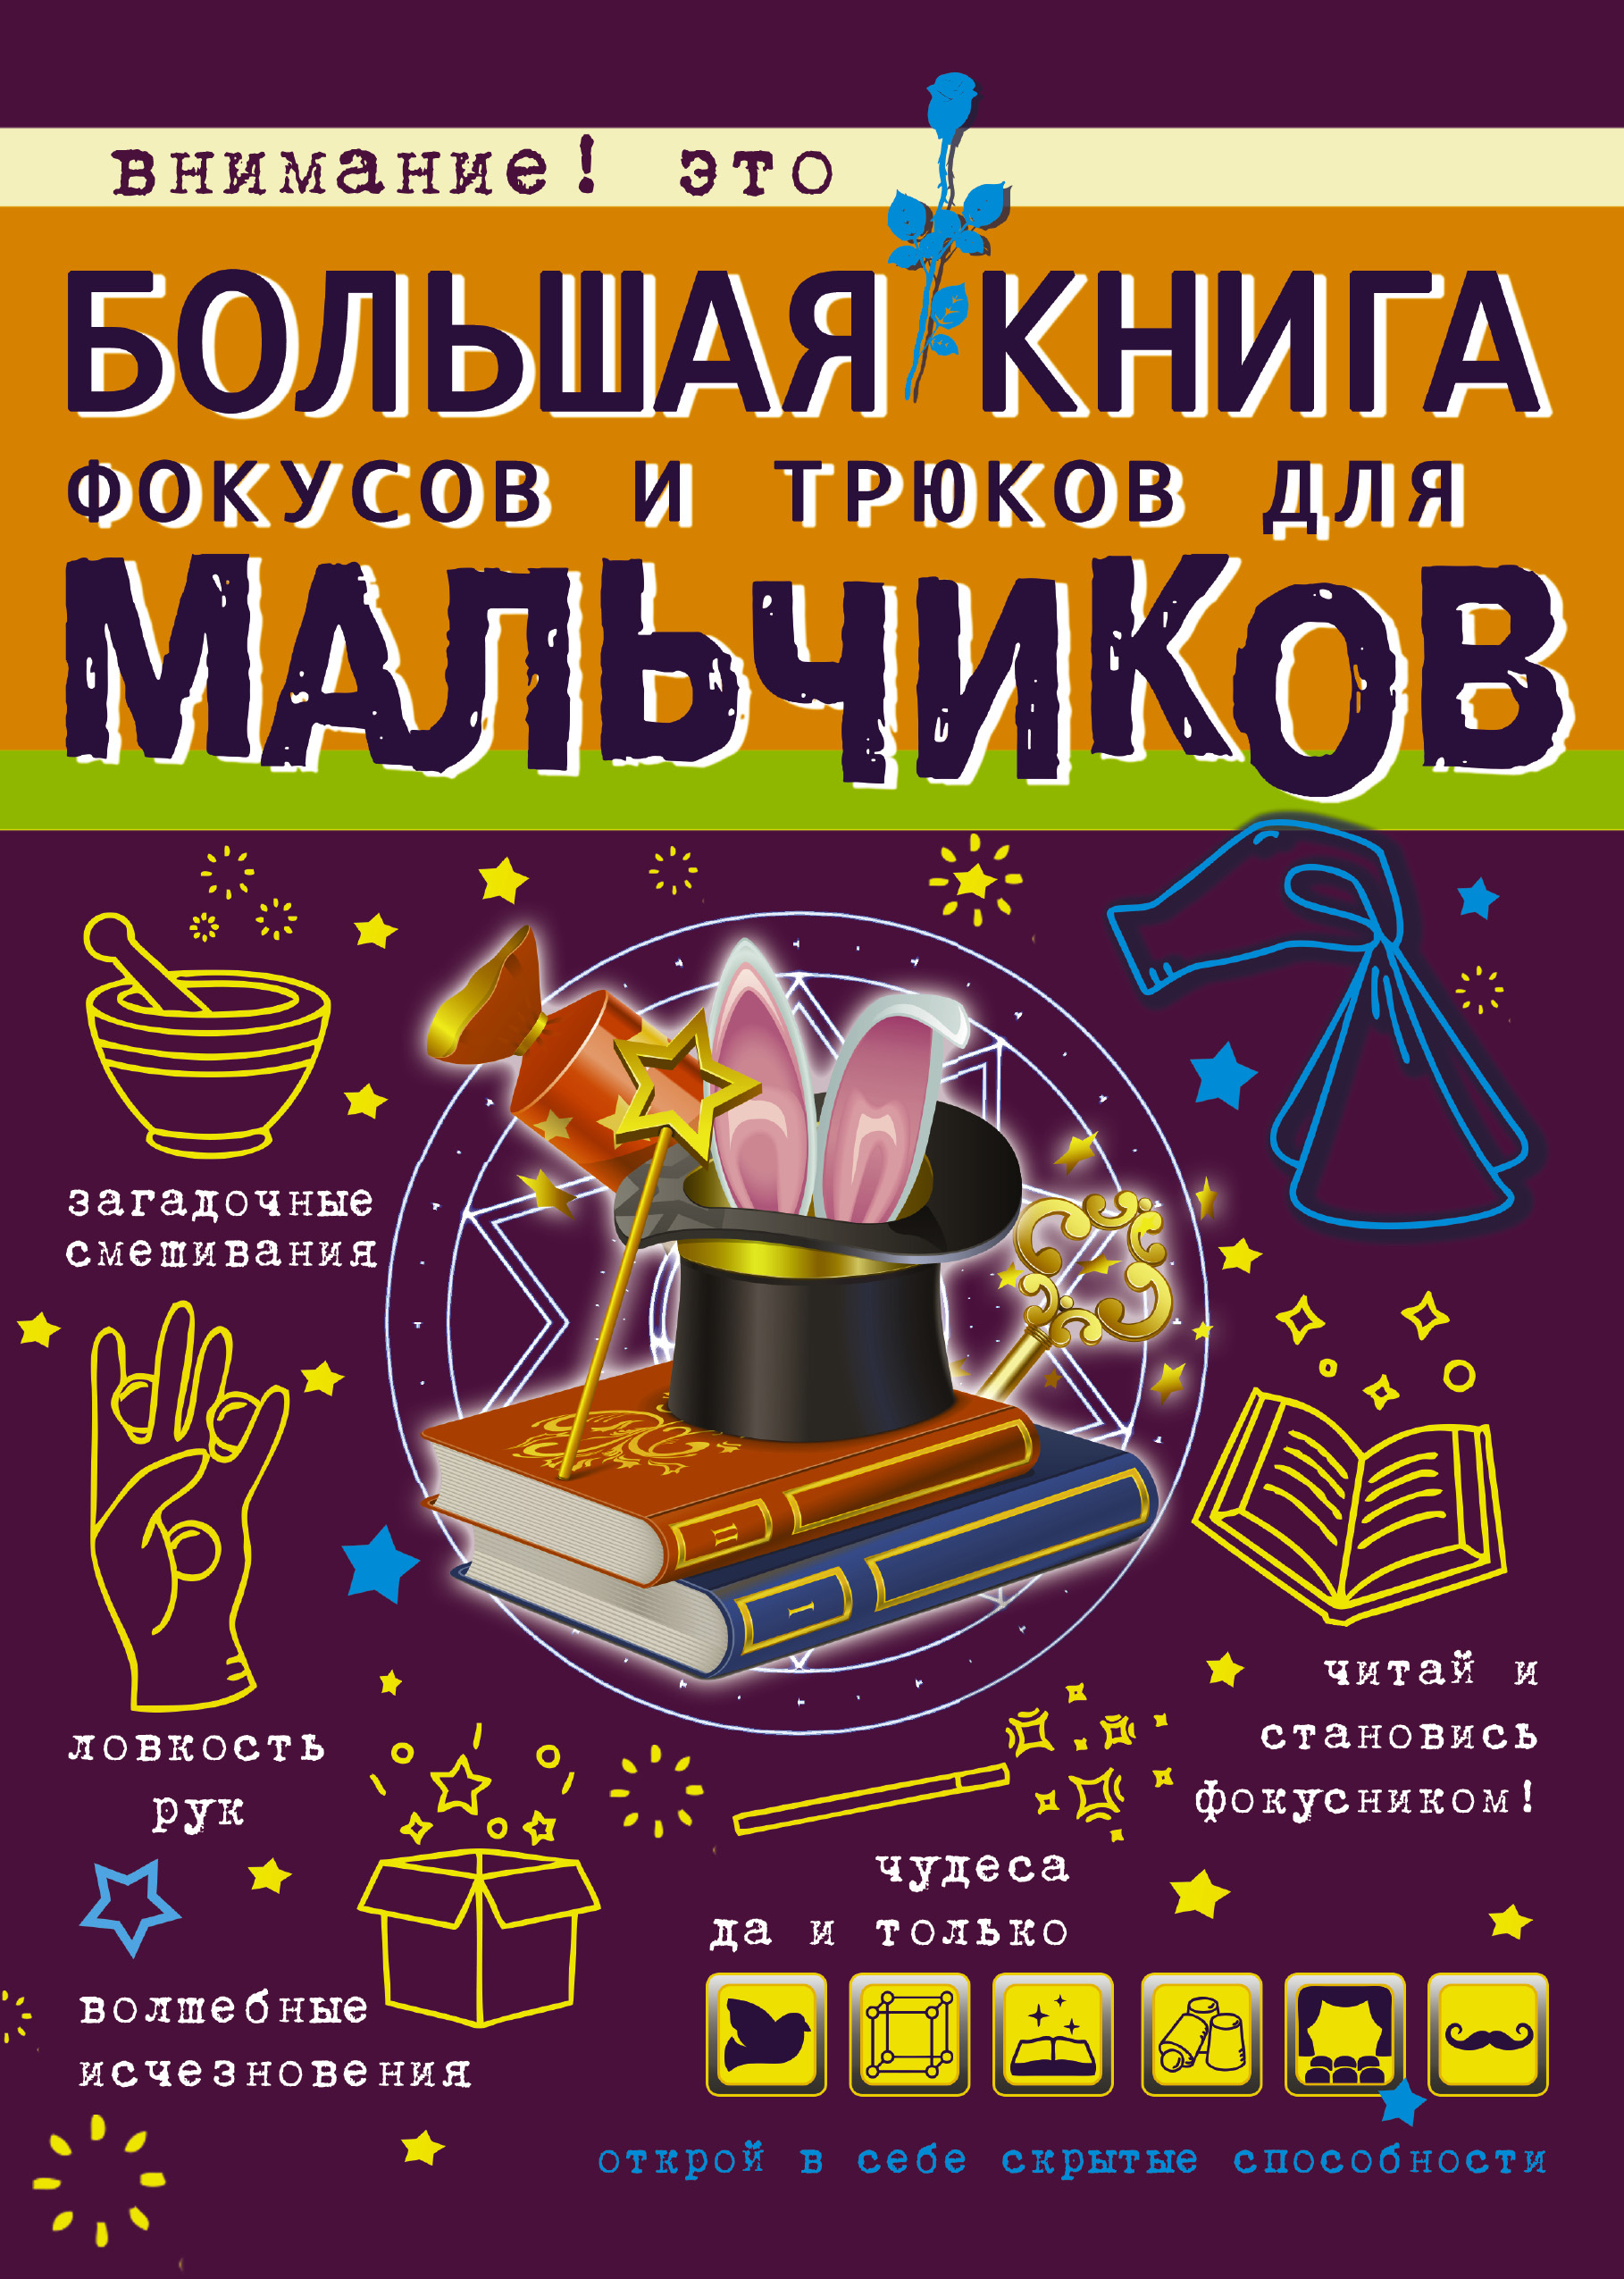 Большая книга фокусов и трюков для мальчиков фото